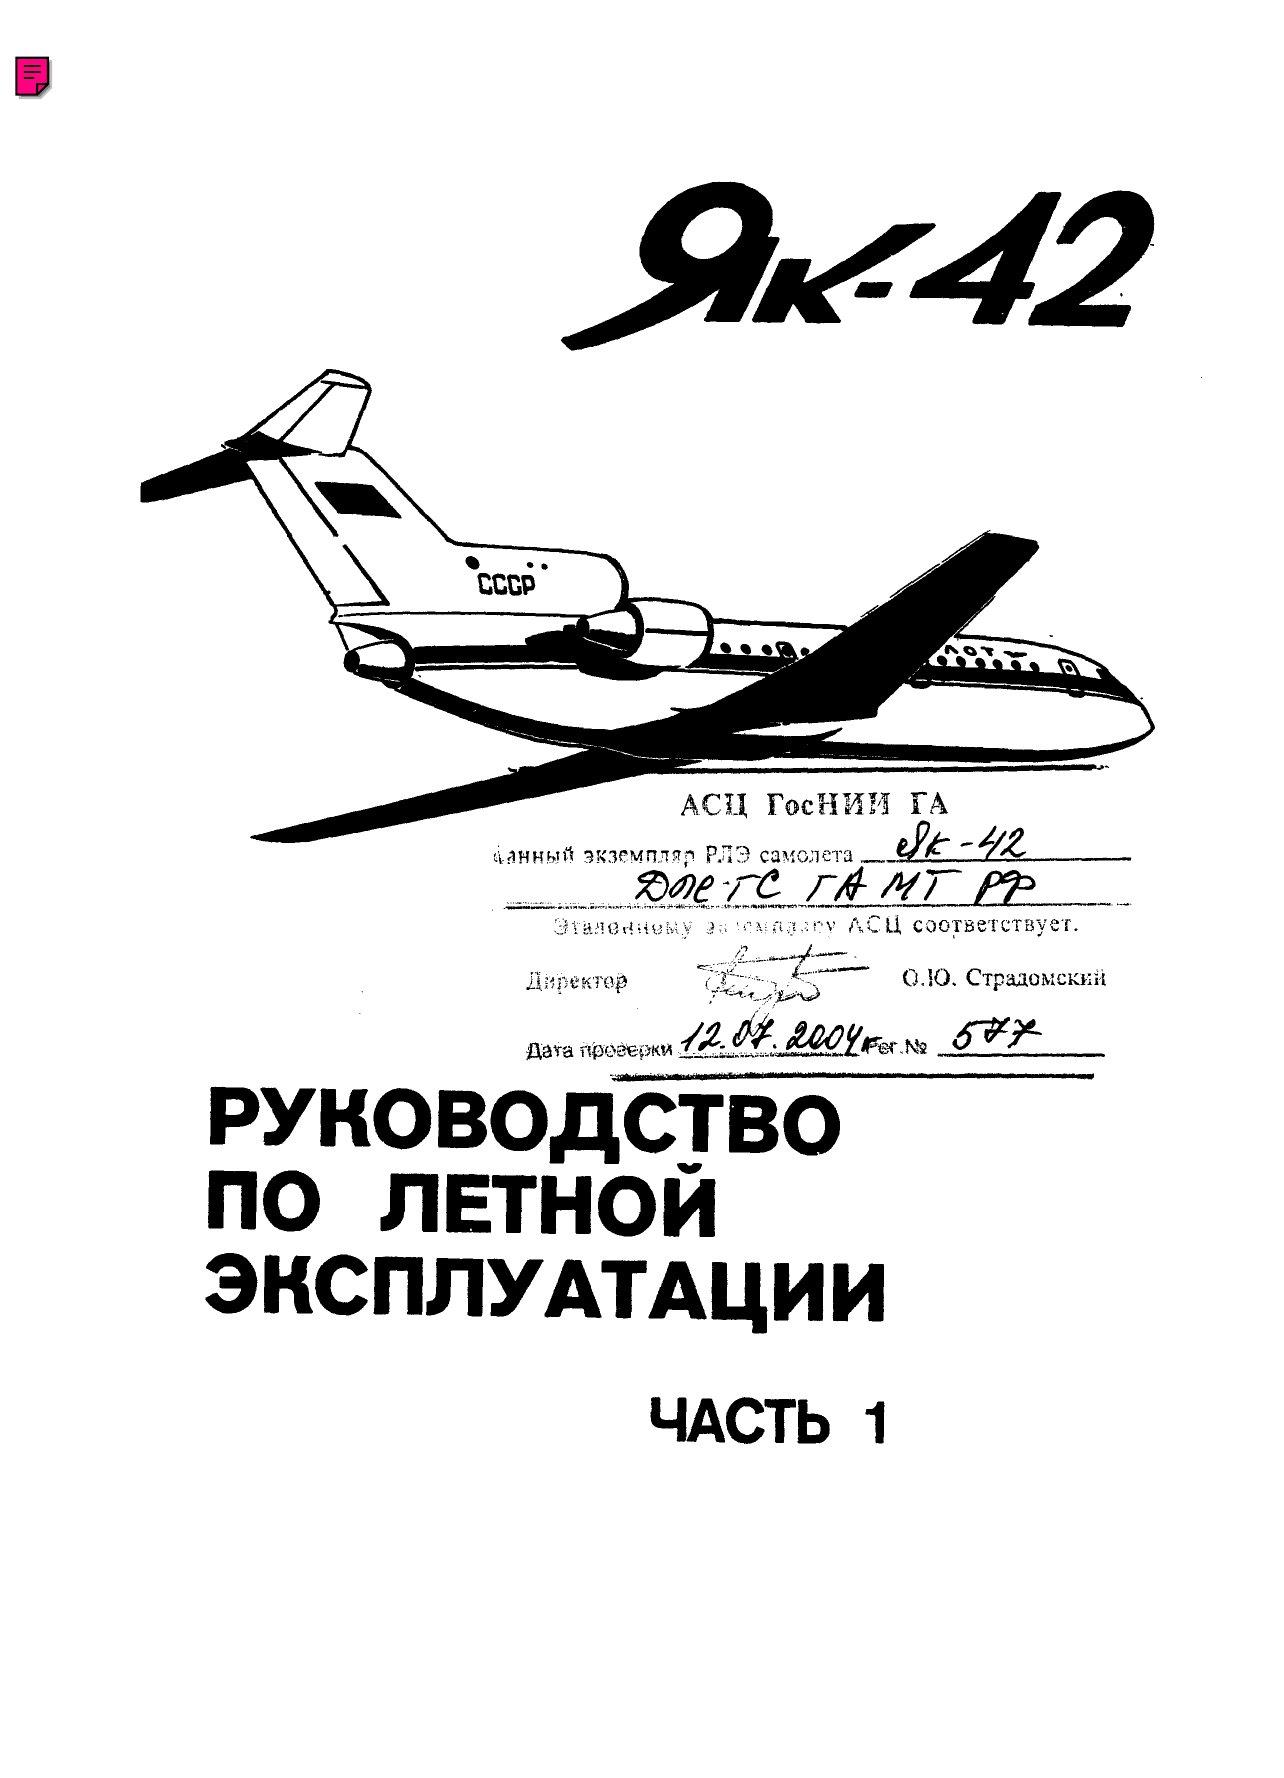 Руководство по летной эксплуатации Як-42. (1-я часть из 2)